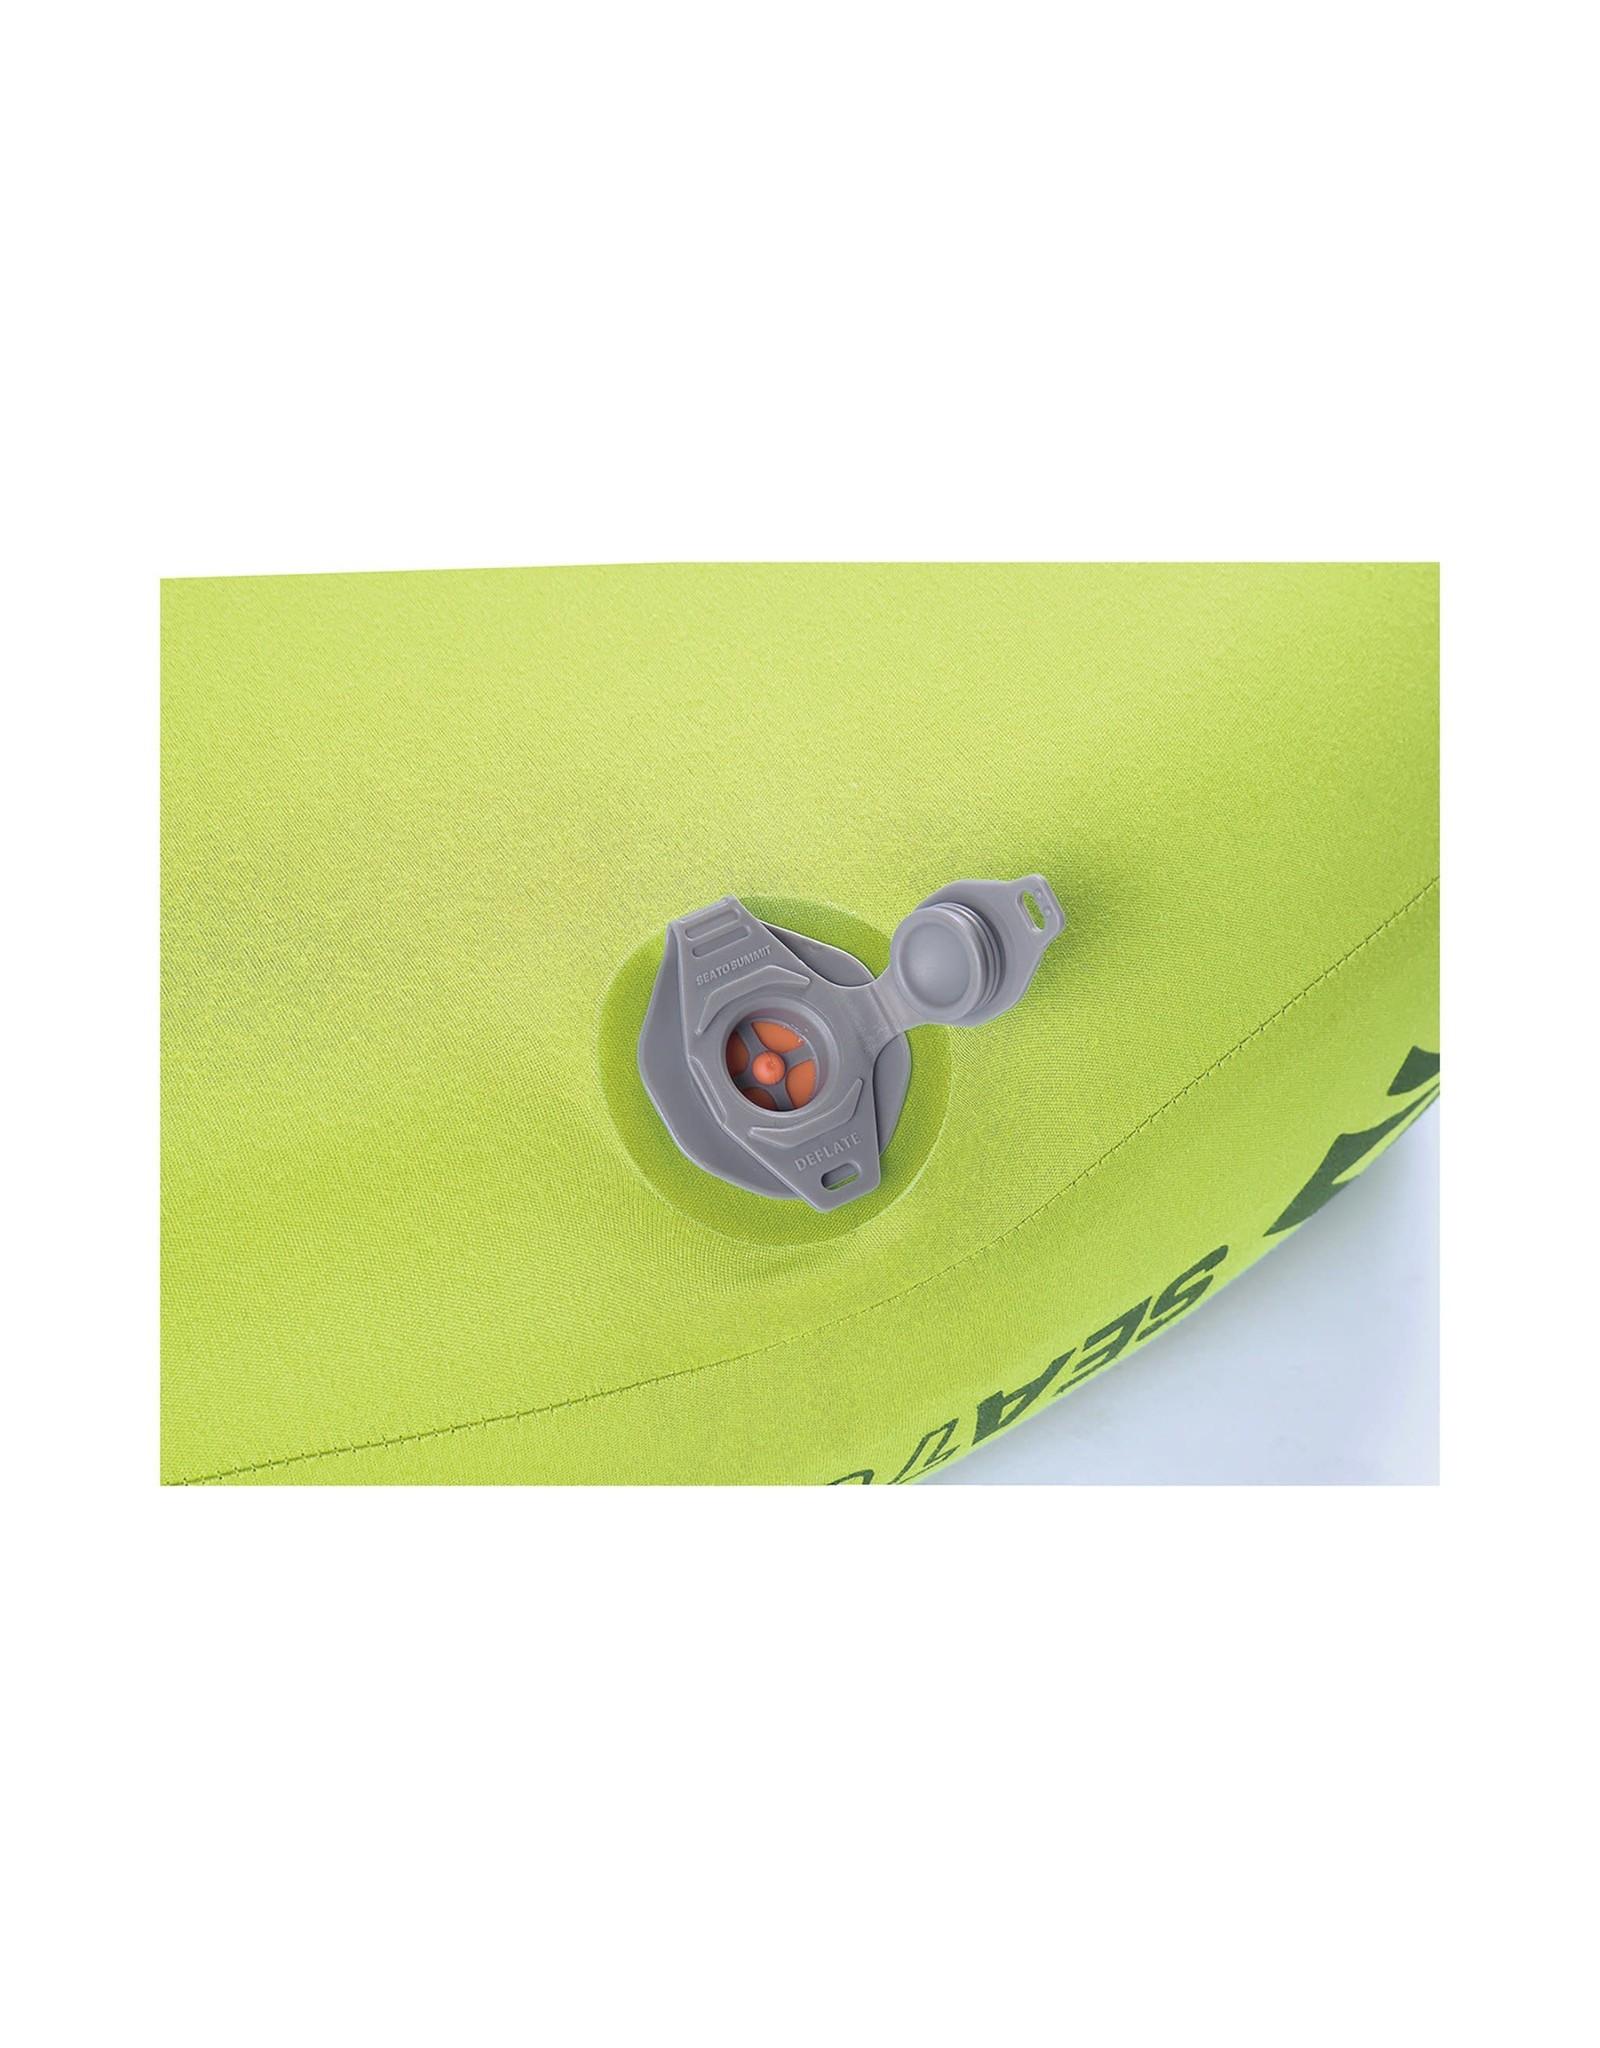 Sea to Summit Aeros Pillow Premium - Large - Lime